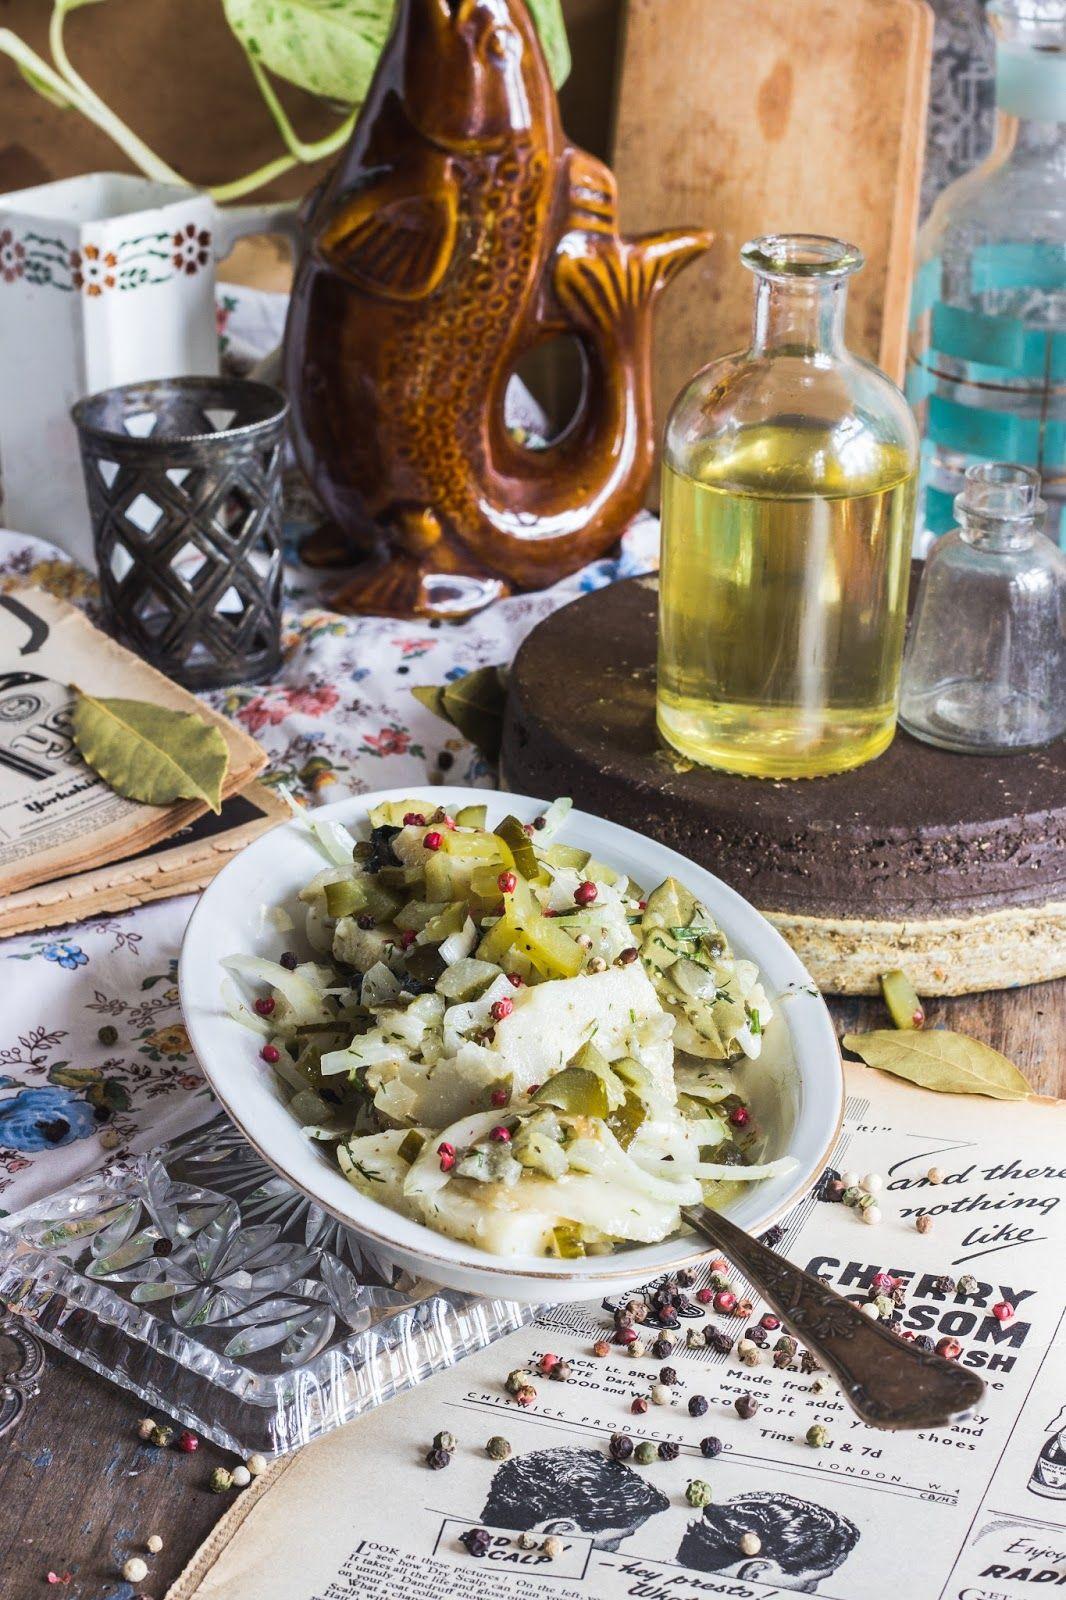 Wegan Nerd Kuchnia Roslinna Seler A La Sledz W Oleju Rzepakowym Z Ogorkiem Kiszonym Vegetarian